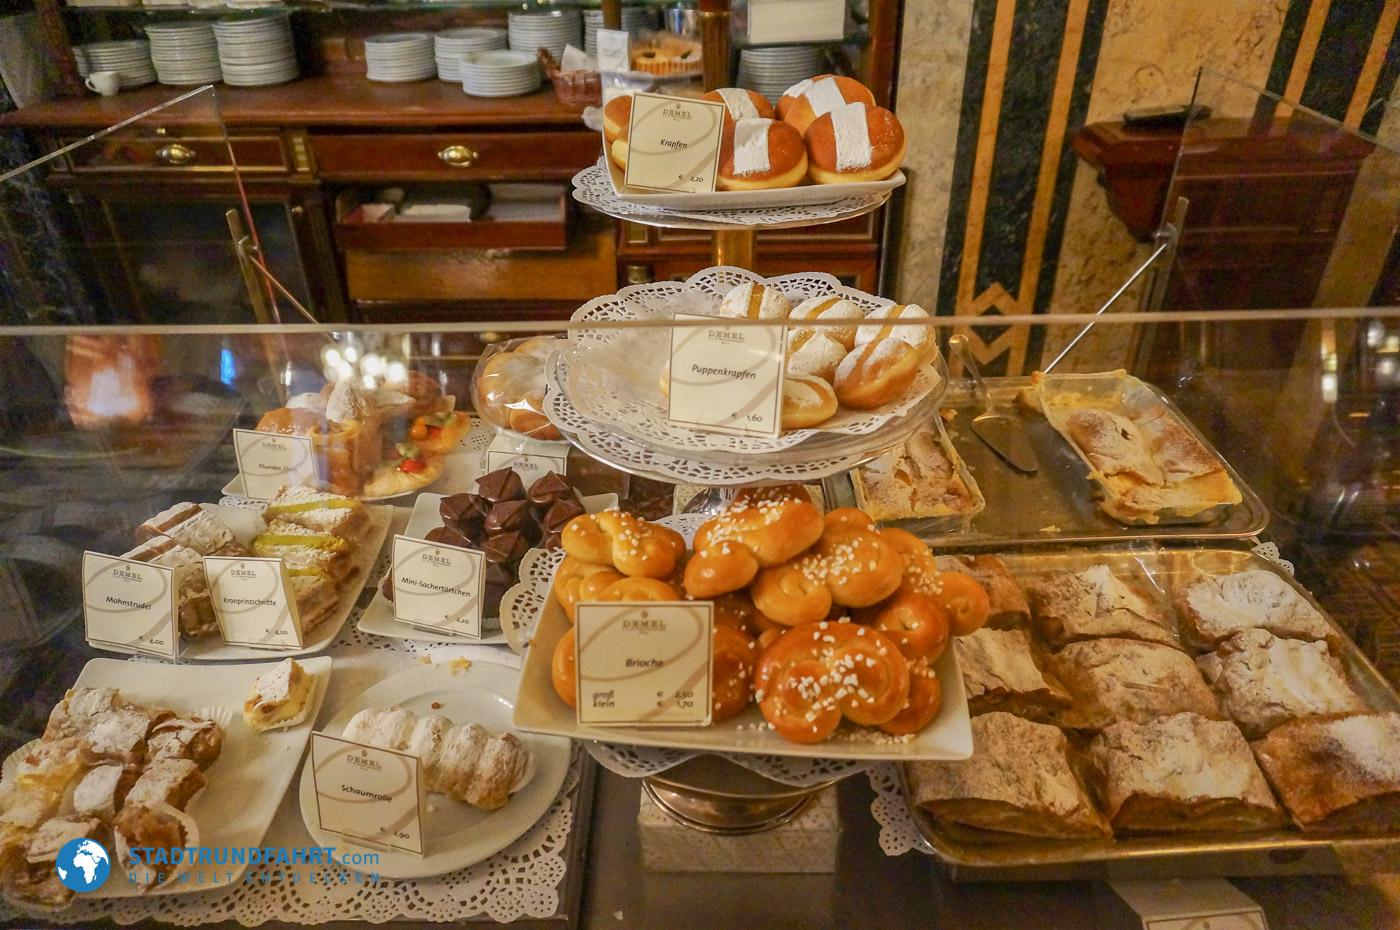 Köstliche Speisen in einem Wiener Kaffeehaus